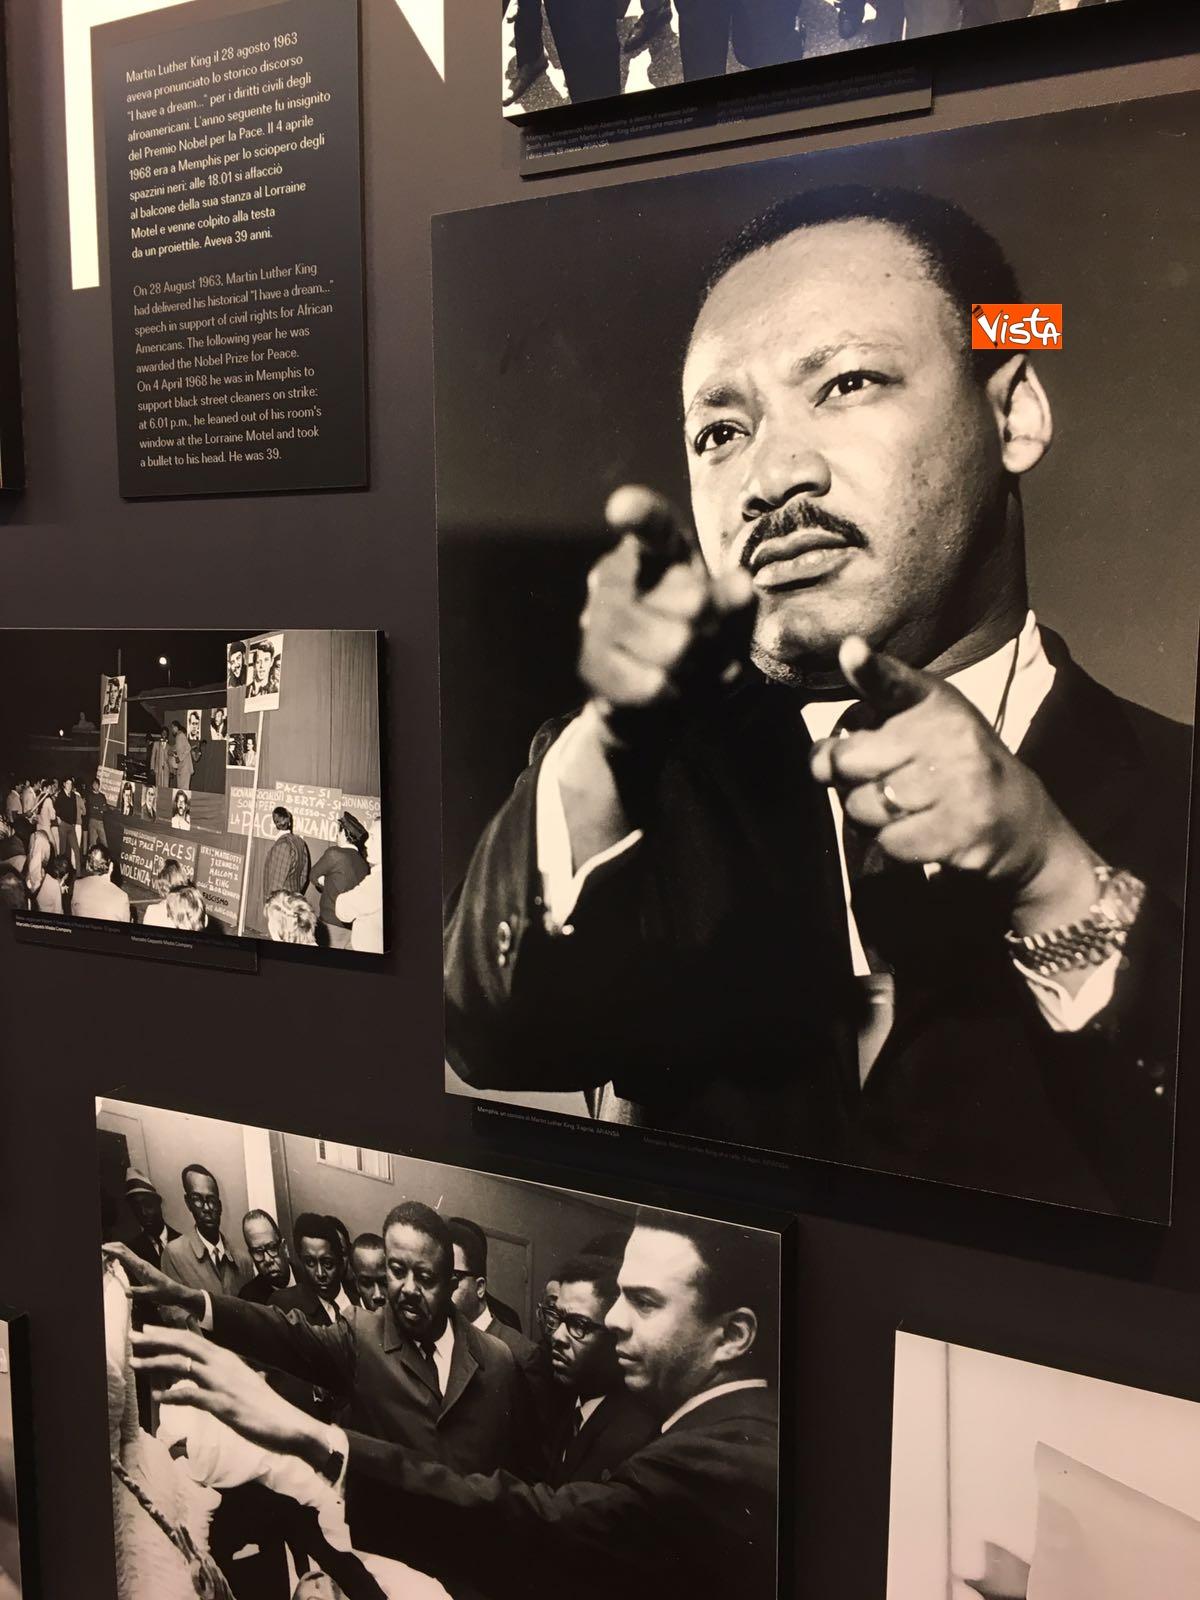 04-05-18 Dreamers1968 Le immagini della mostra organizzata dall AGI_30